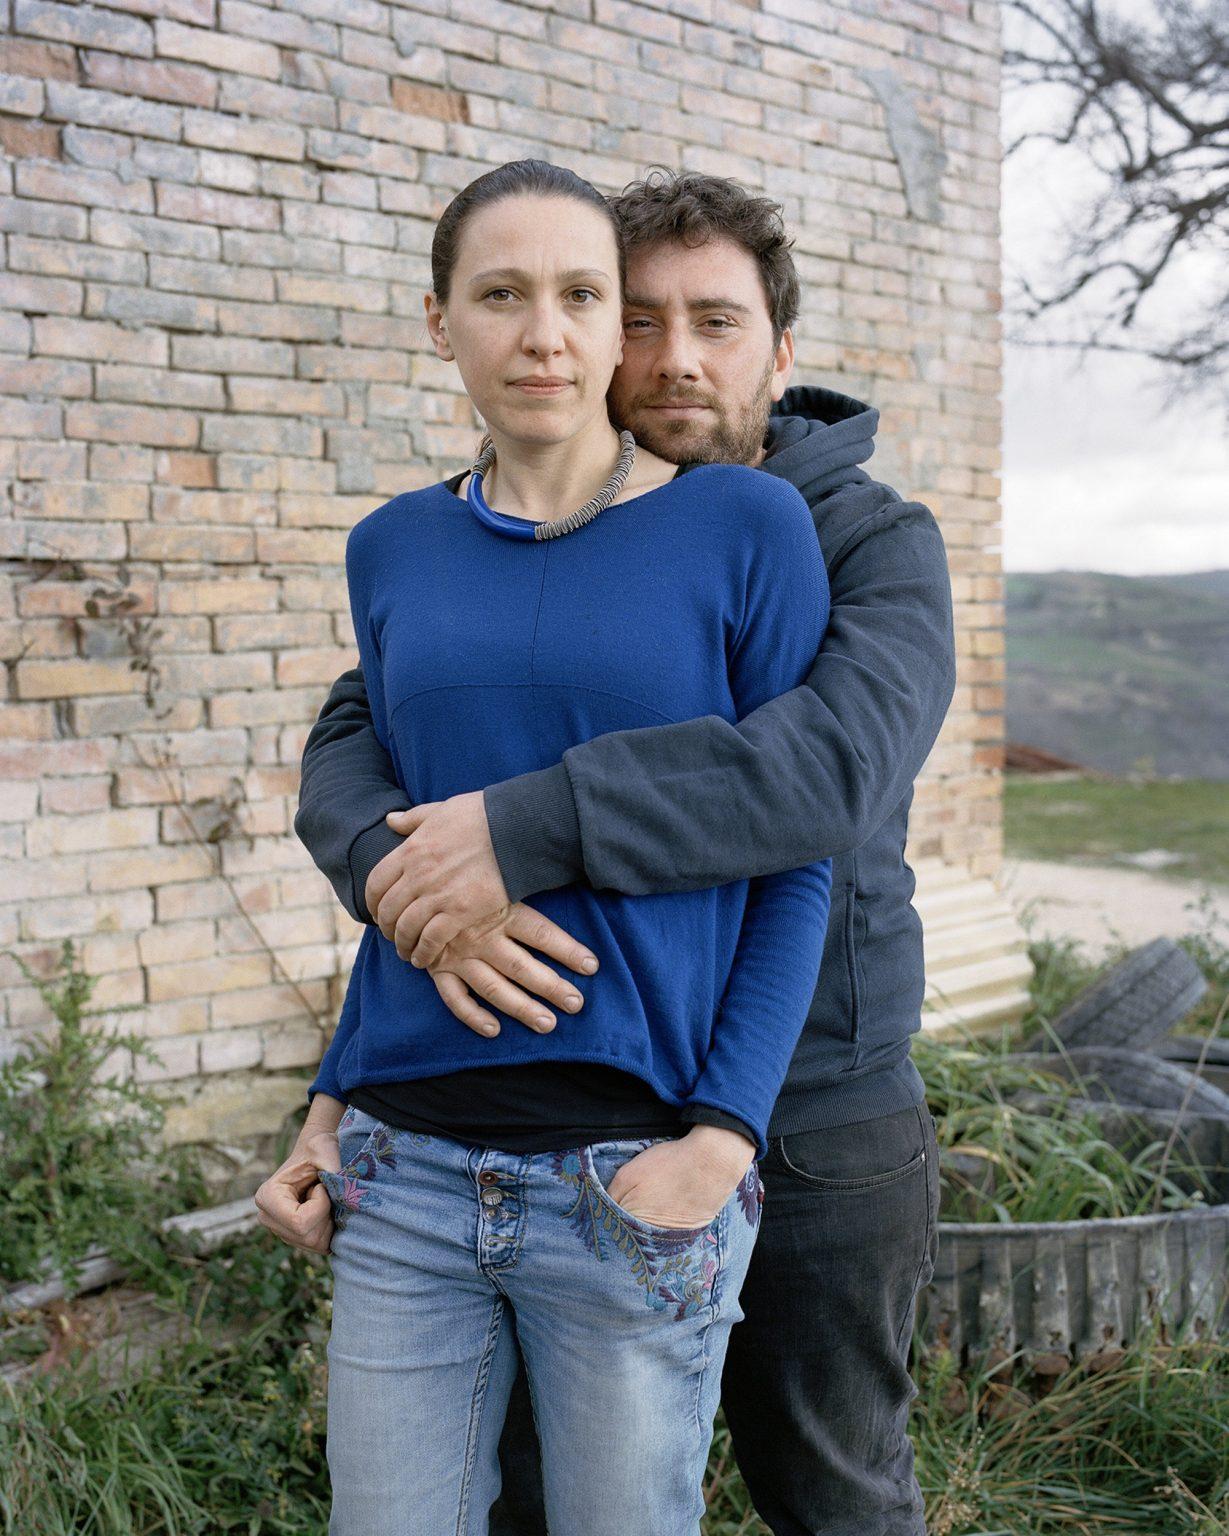 Michela e Nicola, Campolieto (CB), marzo 2020